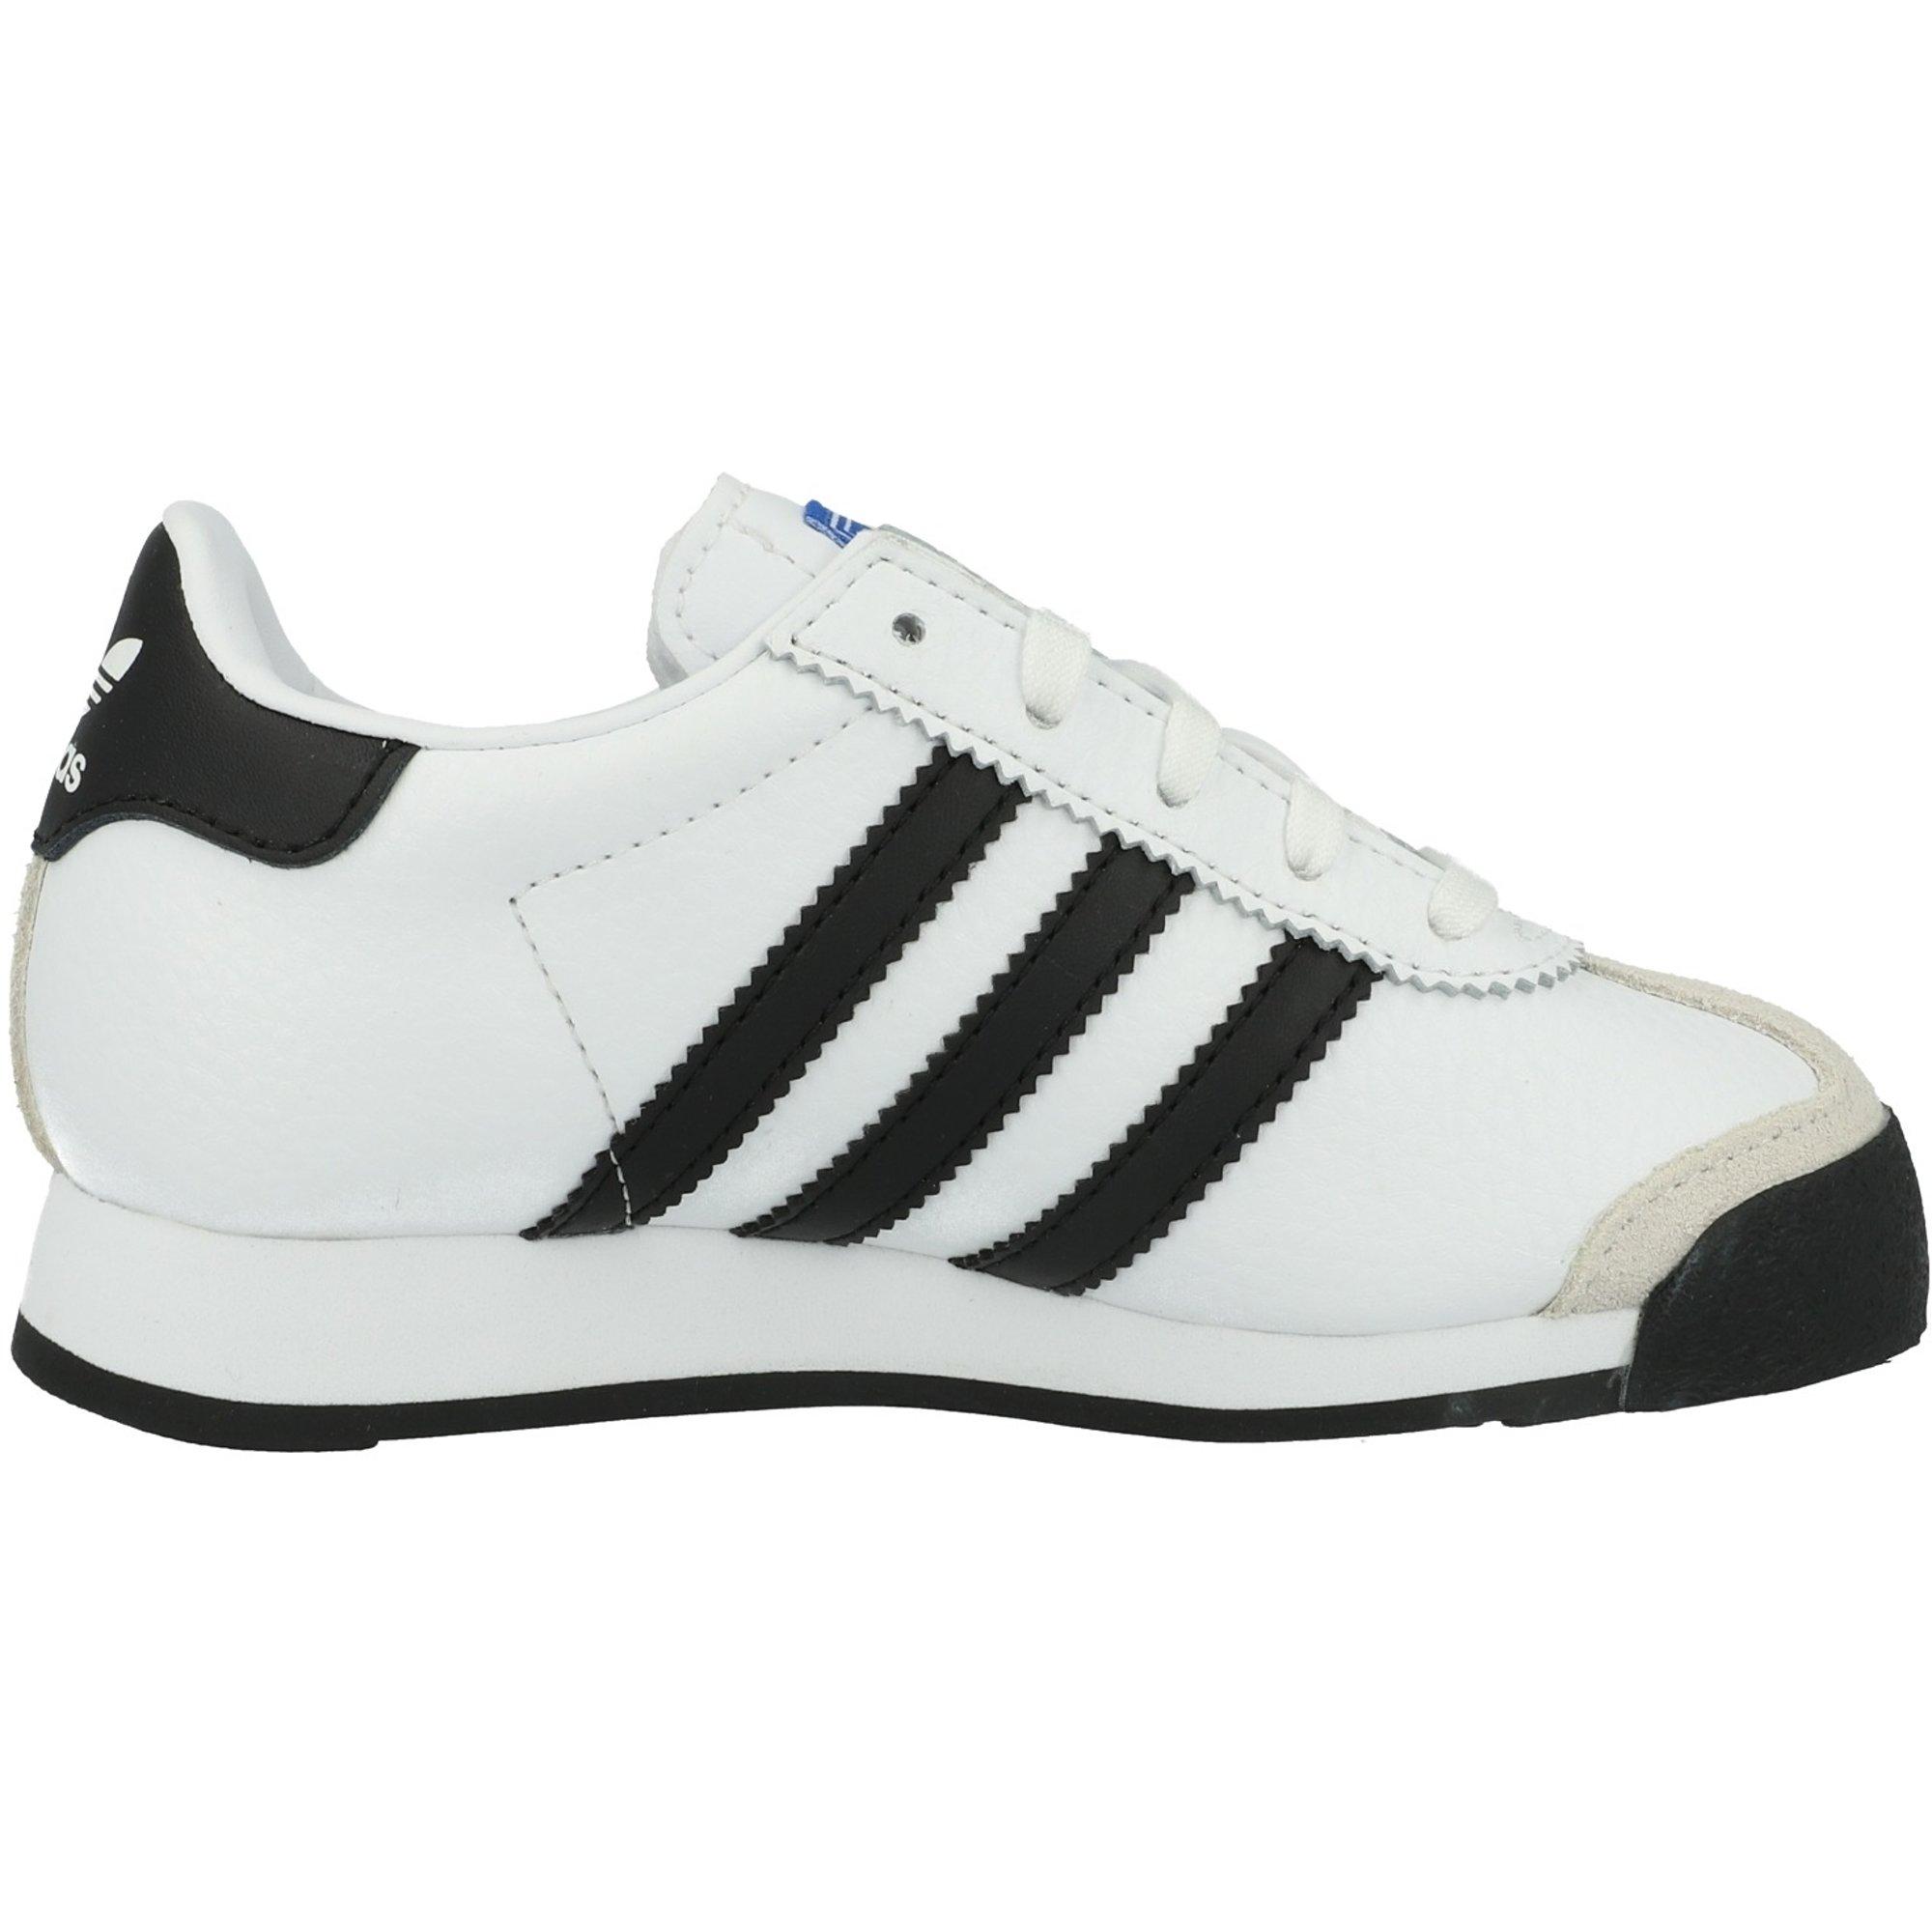 adidas Originals Samoa C White//Black Leather Junior Trainers Shoes